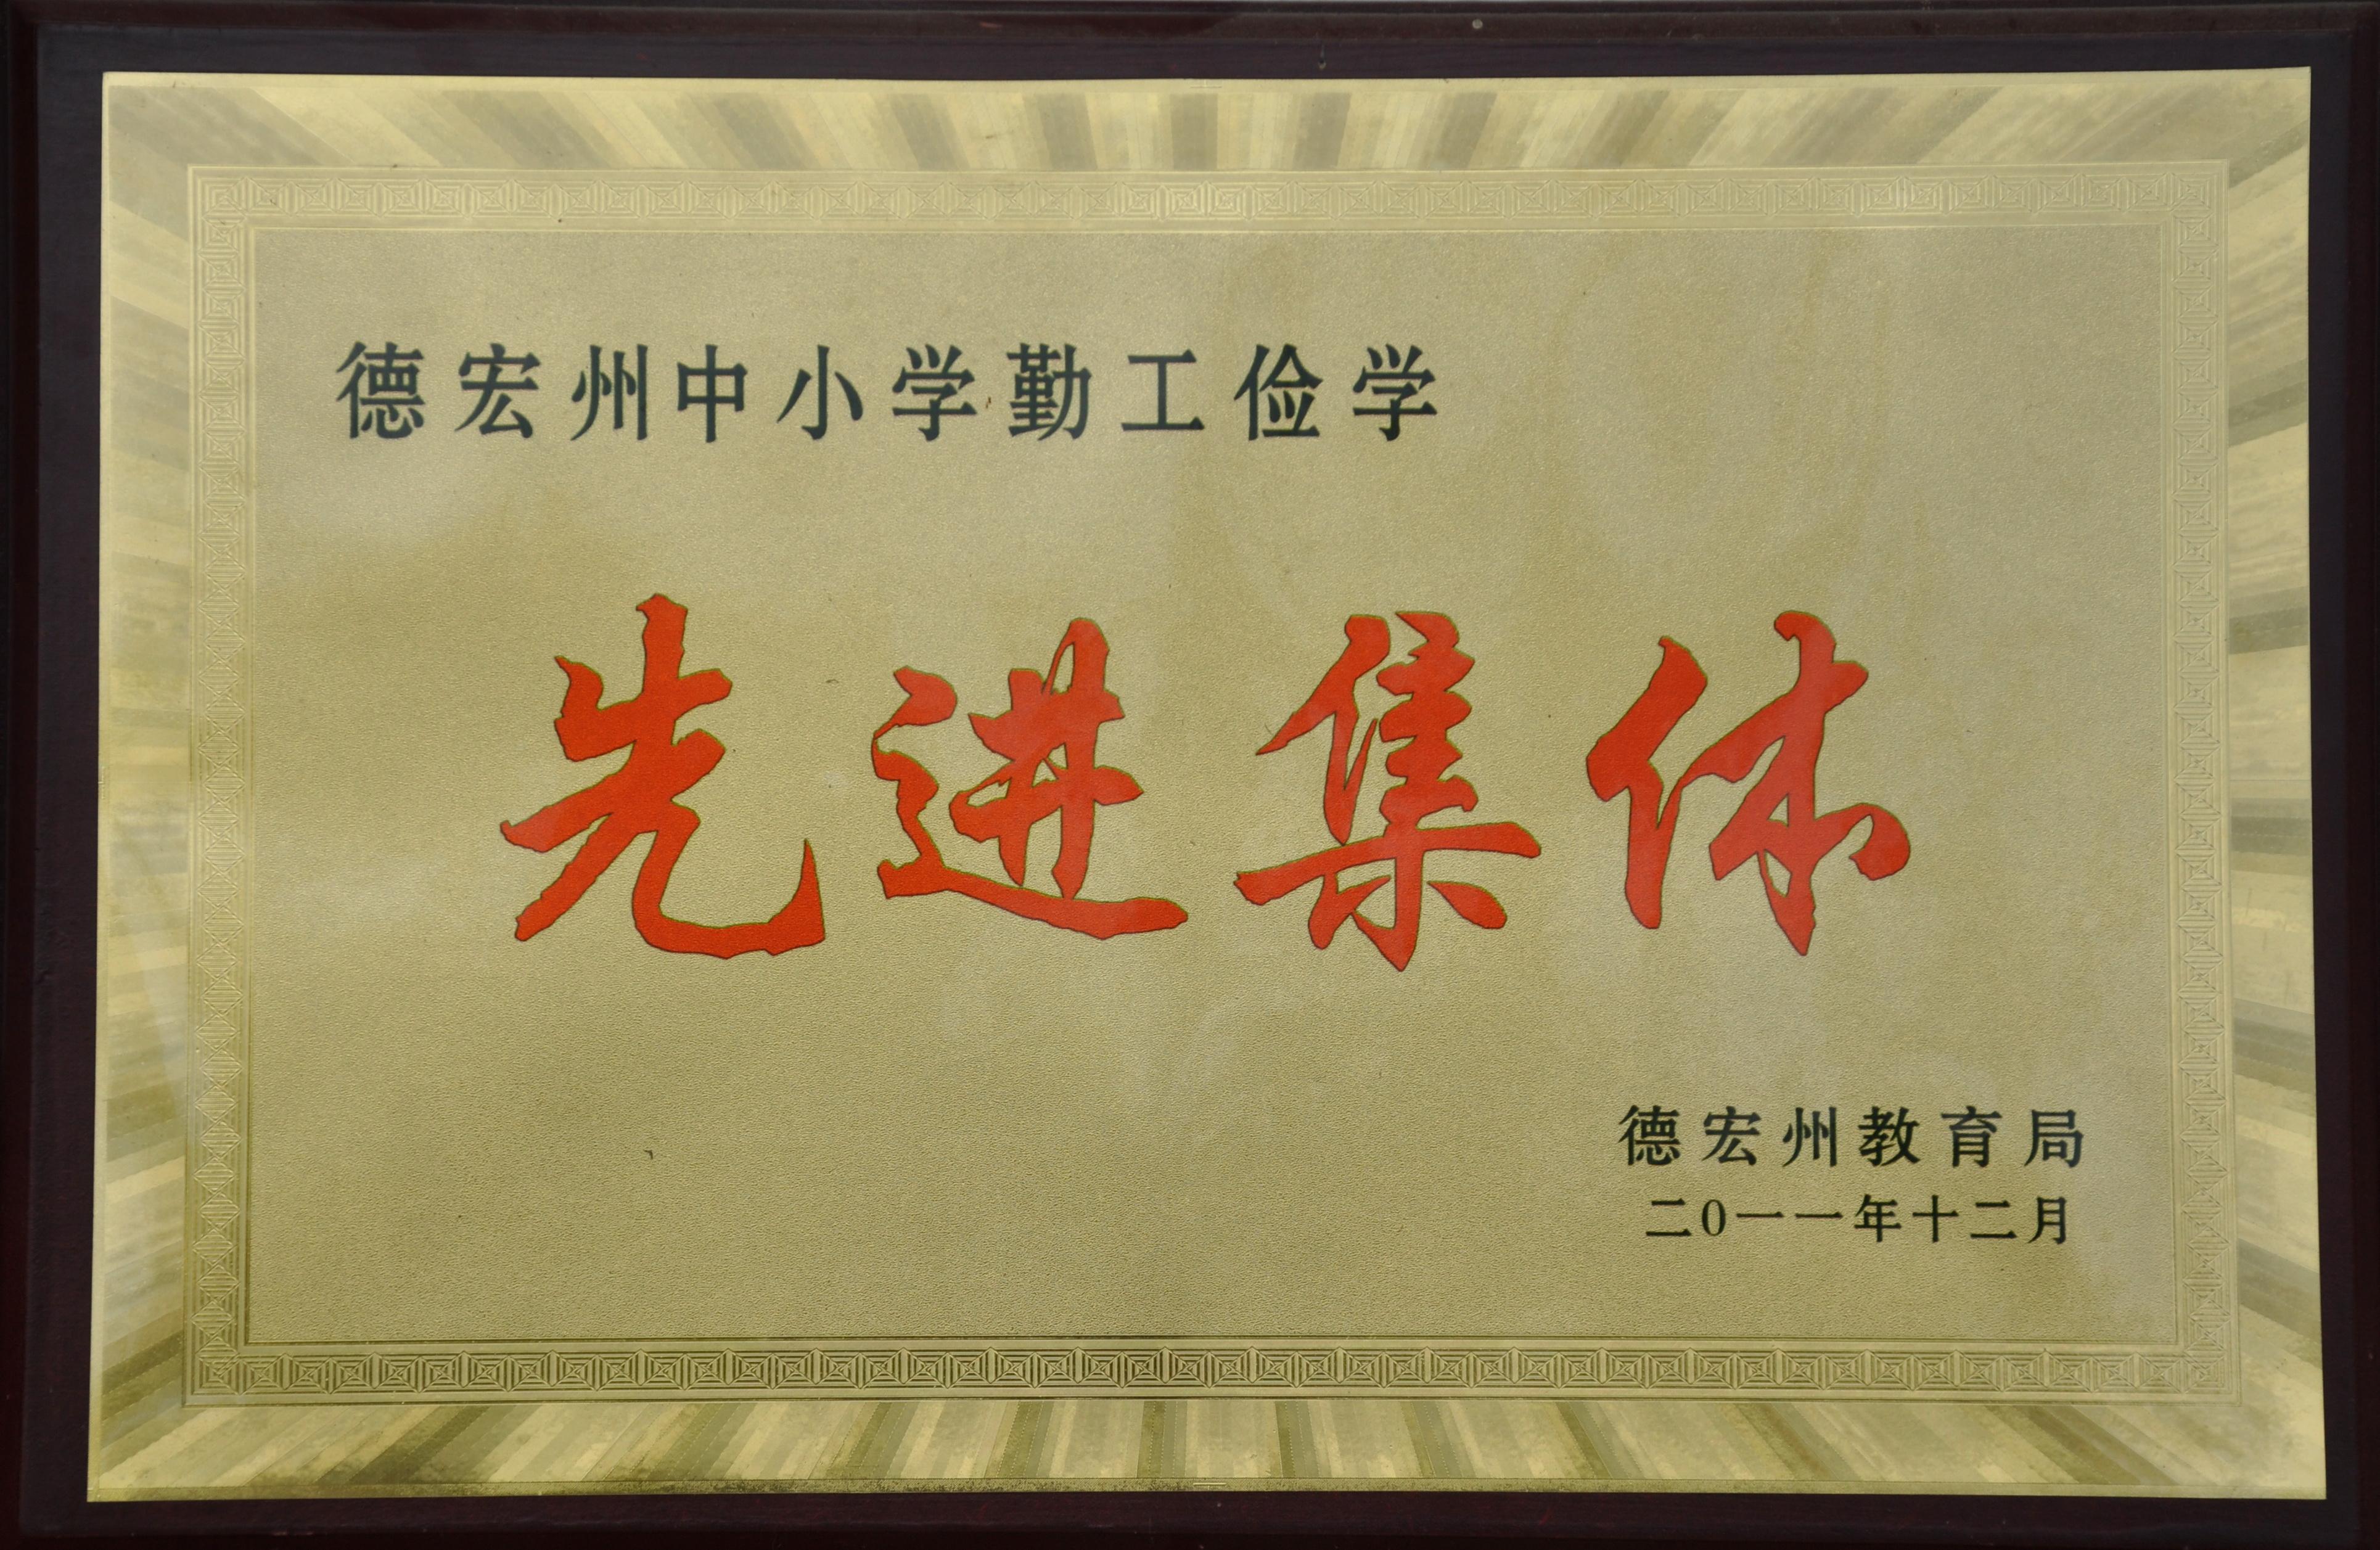 芒东镇帮别小学被评为2011年德宏州中心校勤工俭学先进集体